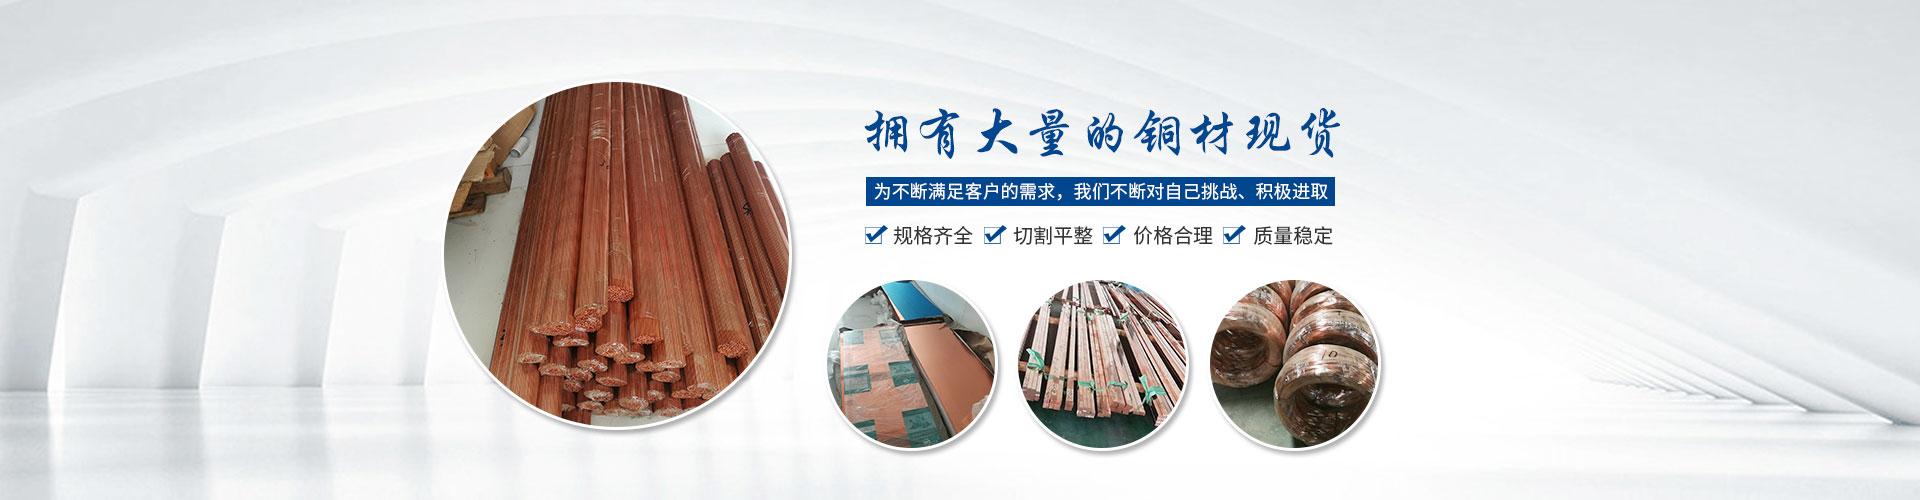 东莞市广乐铜业有限公司